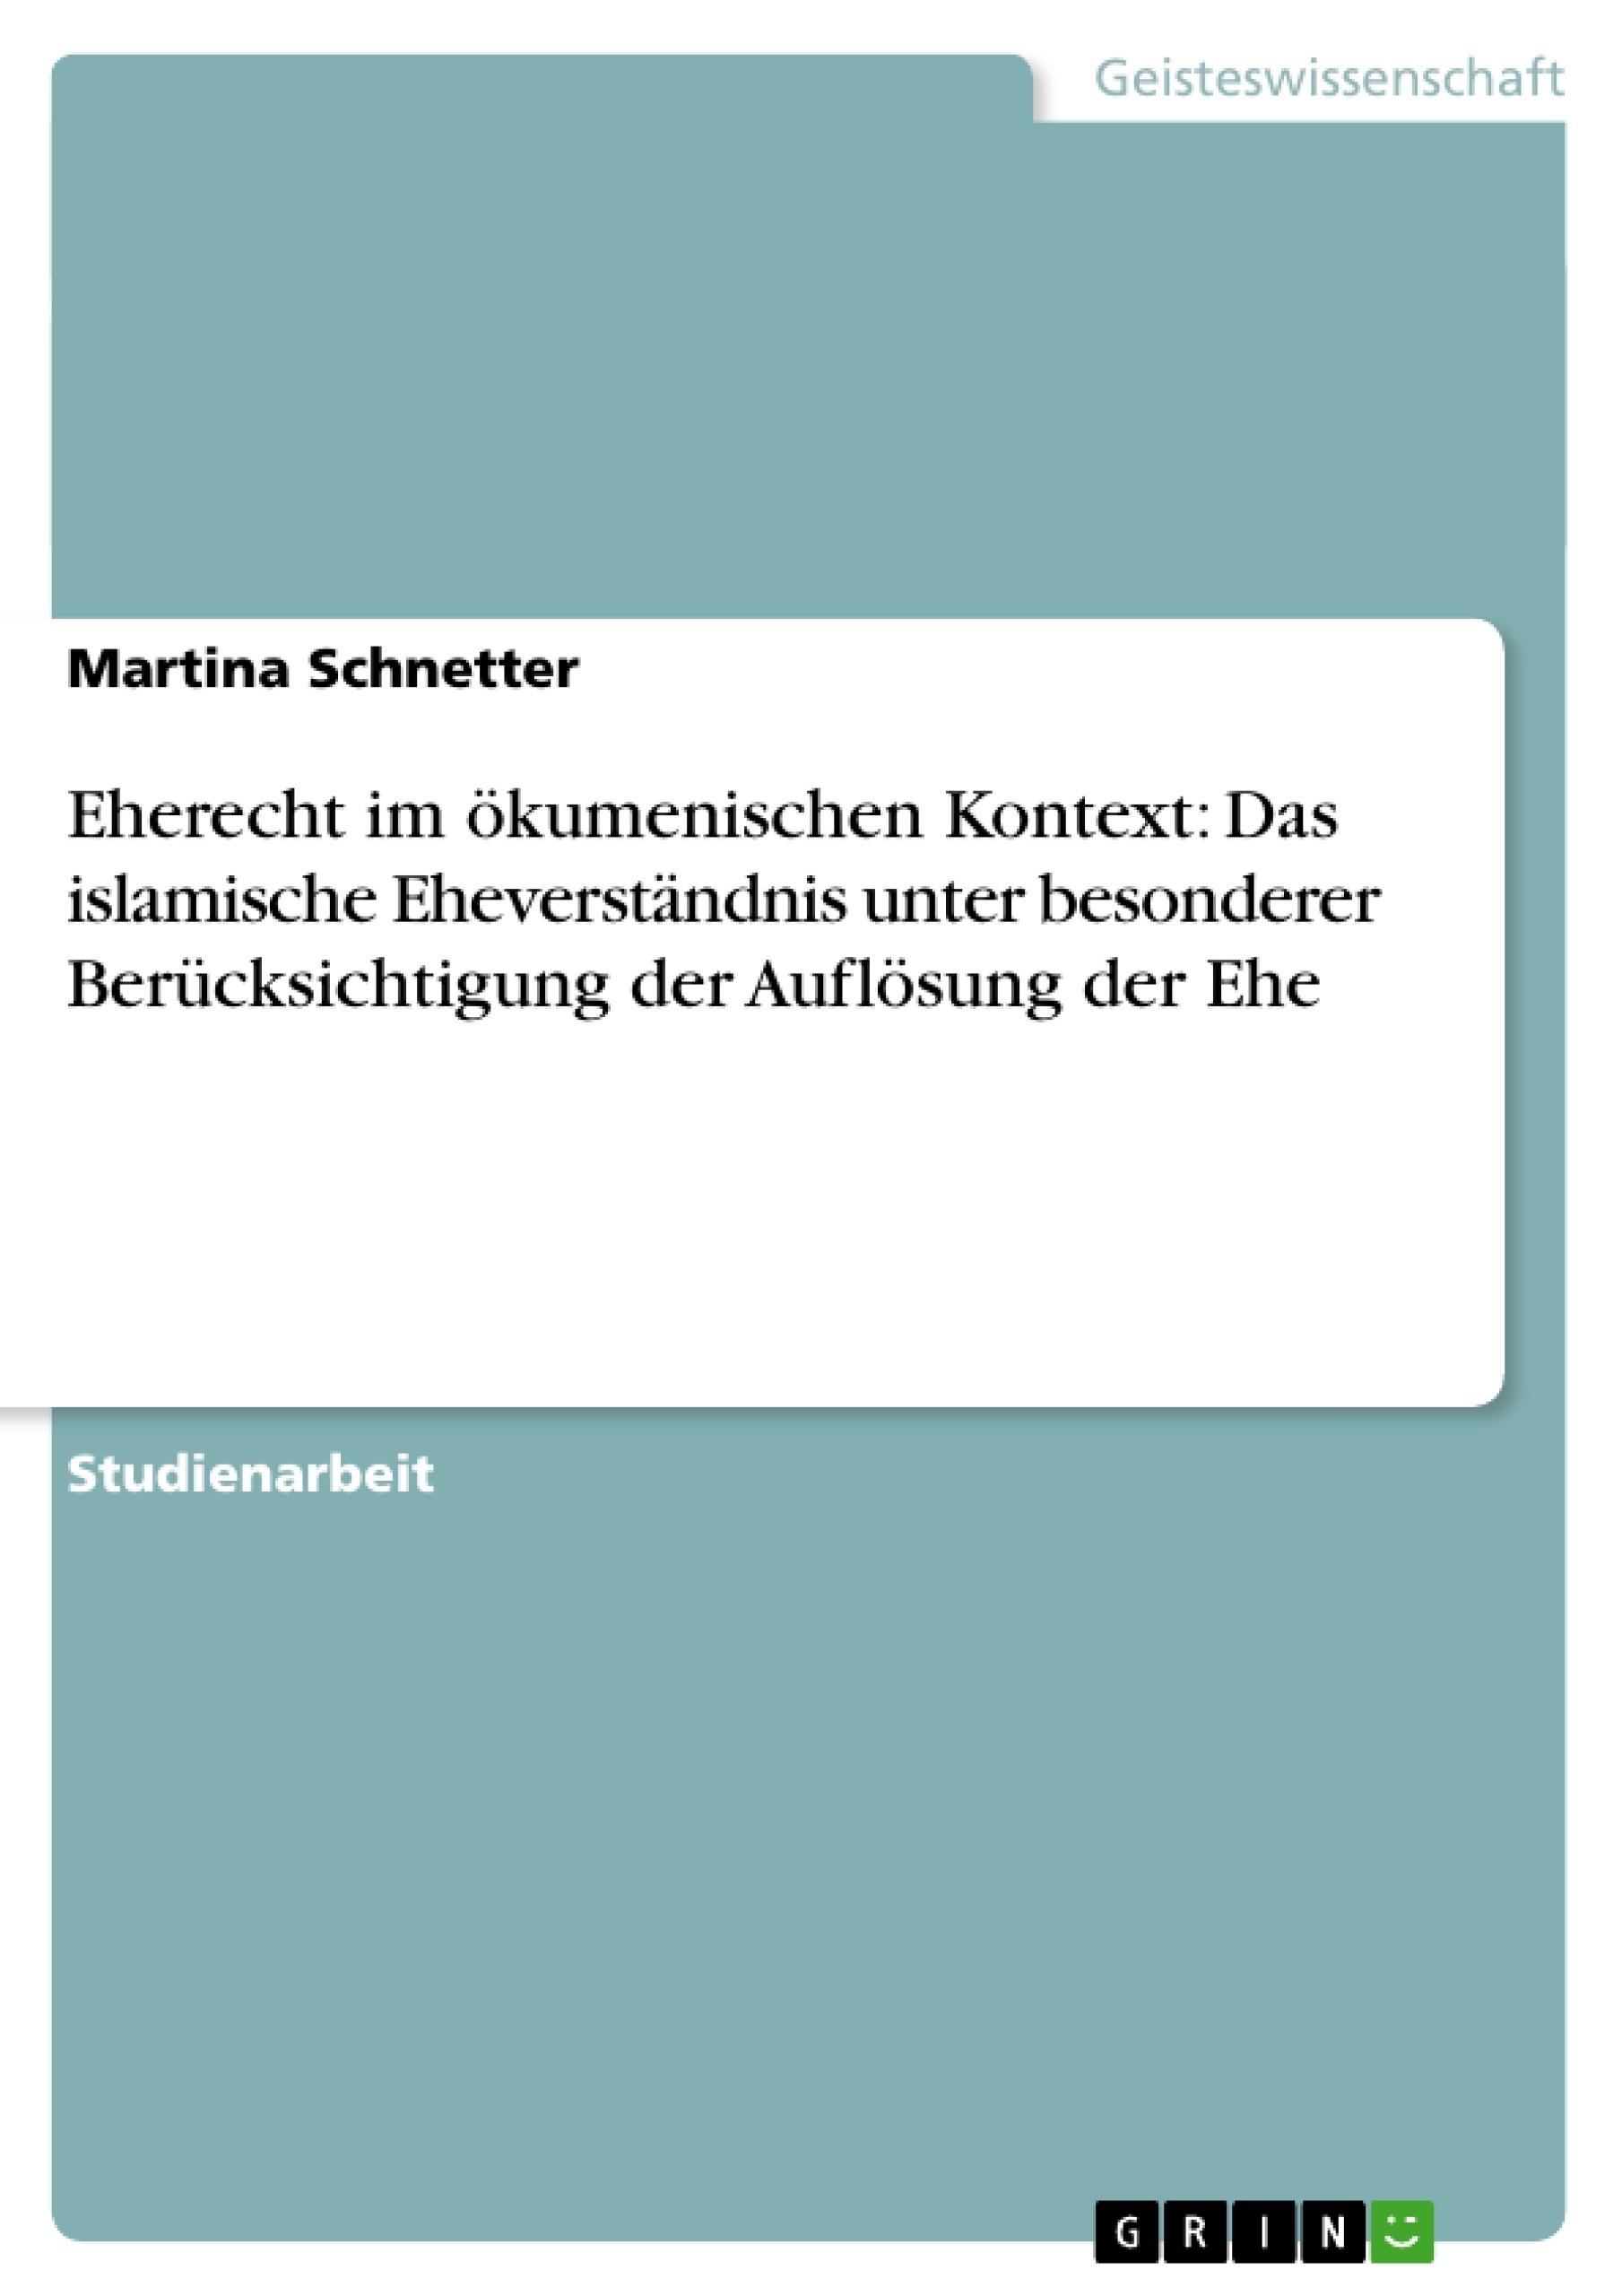 Titel: Eherecht im ökumenischen Kontext: Das islamische Eheverständnis unter besonderer Berücksichtigung der Auflösung der Ehe